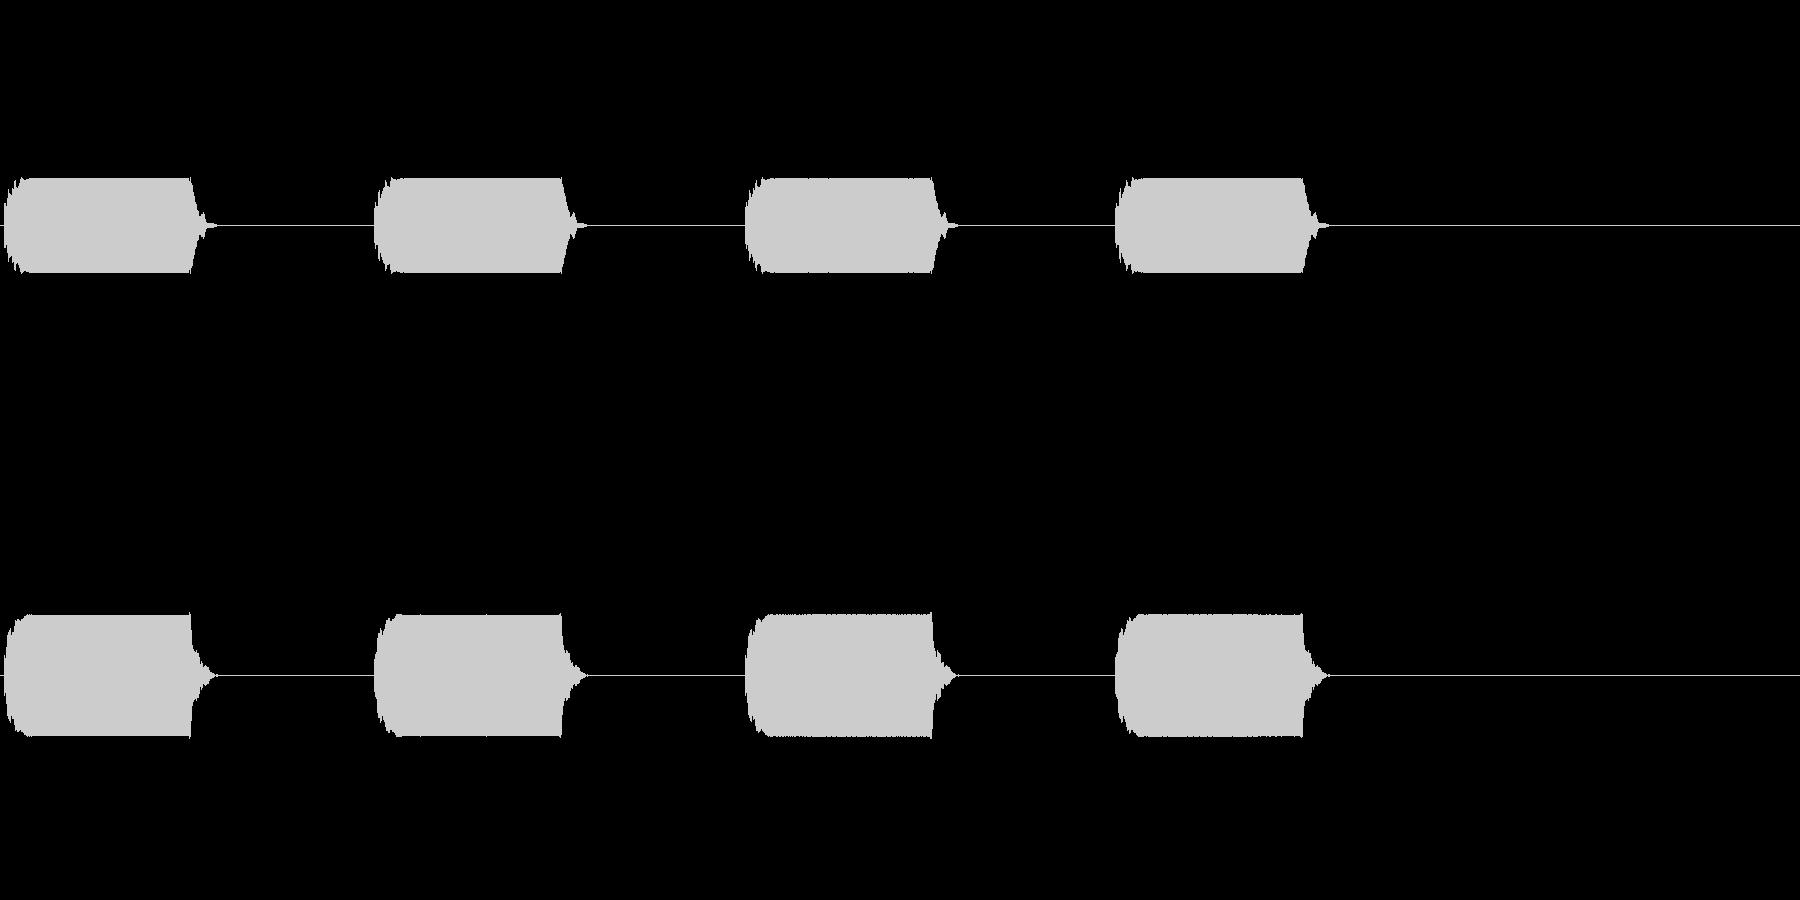 ピーピーピーピー(家電のブザー)の未再生の波形